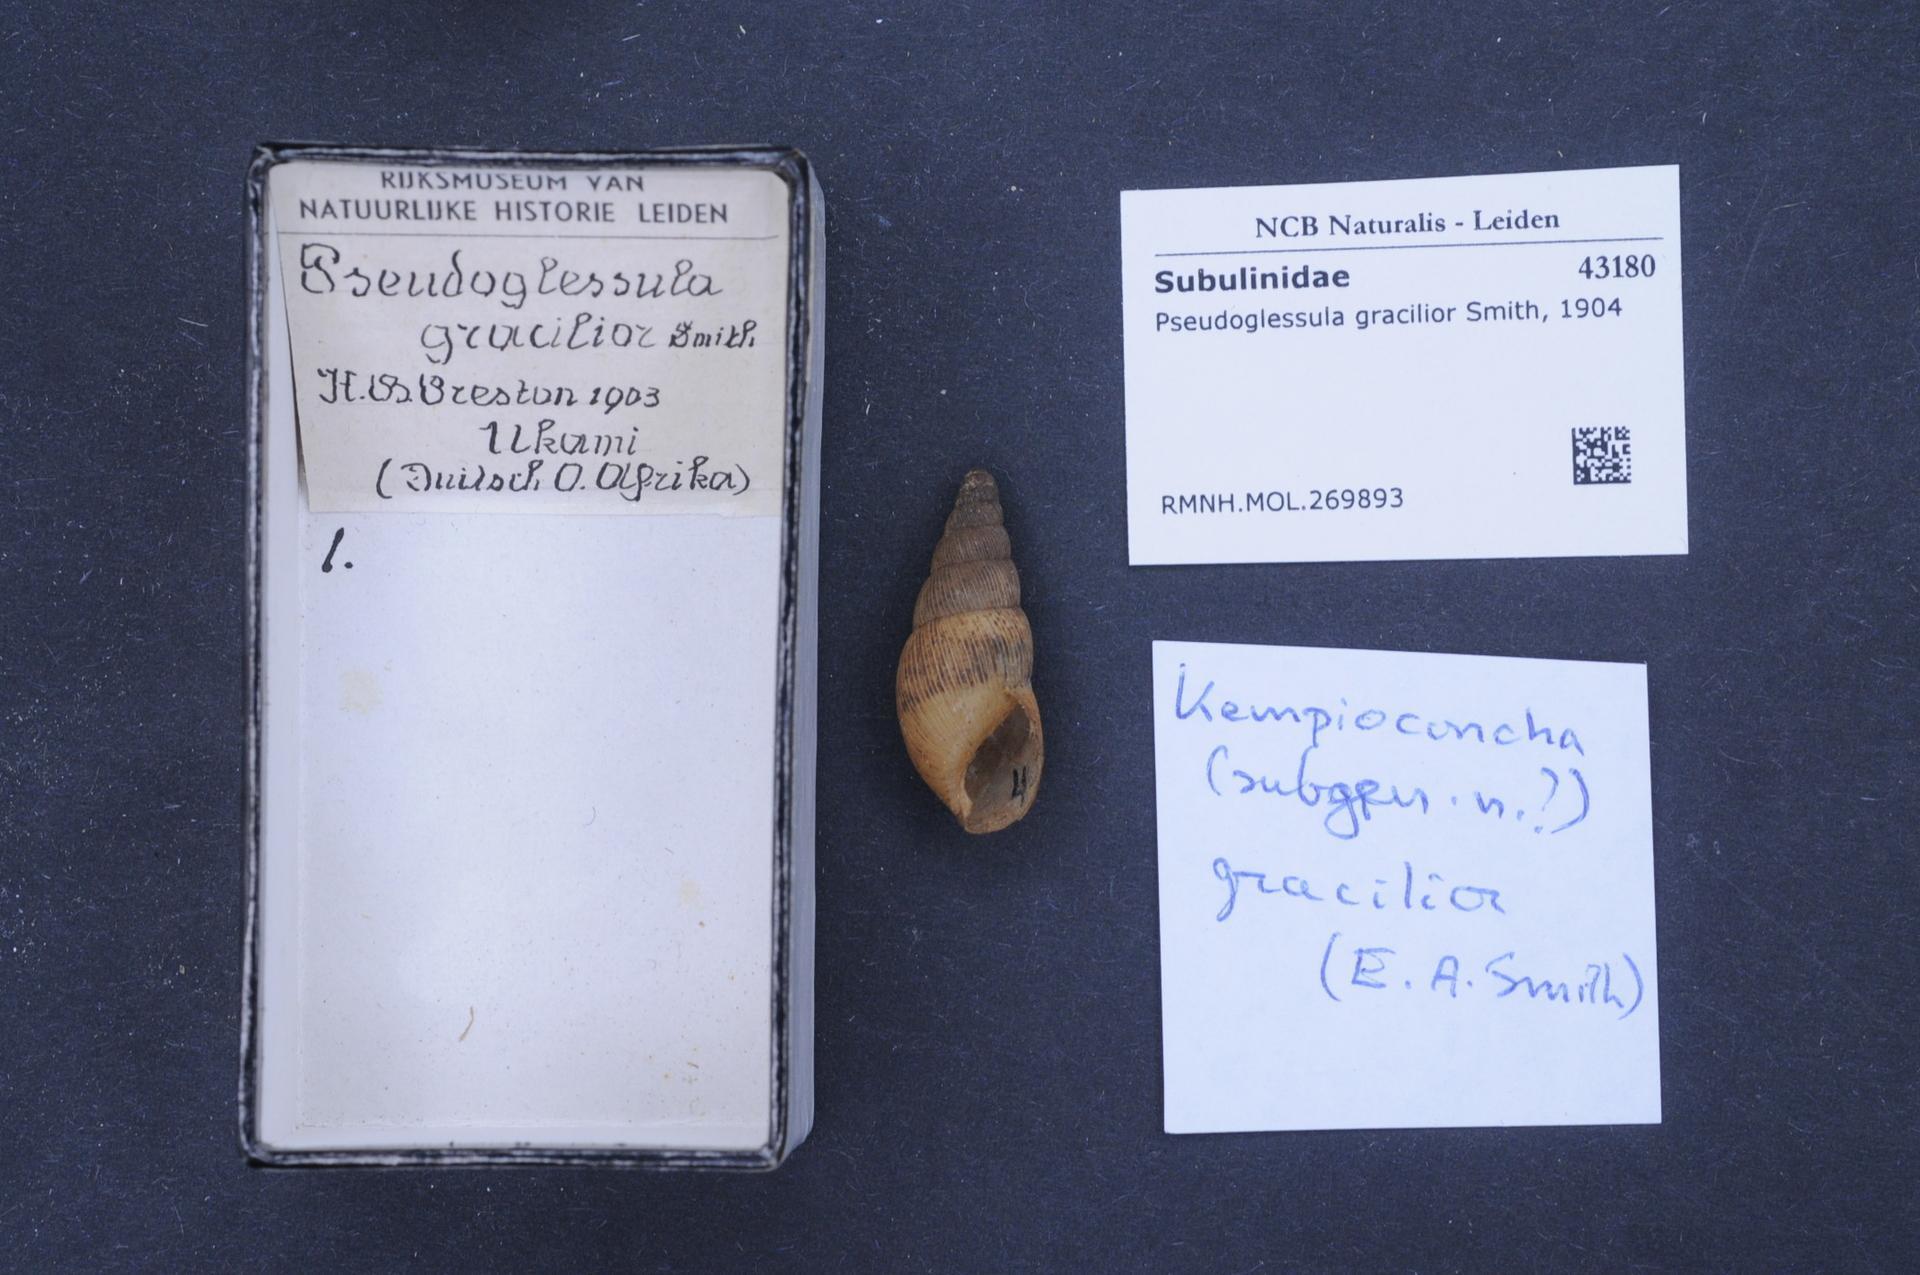 Image of Pseudoglessula